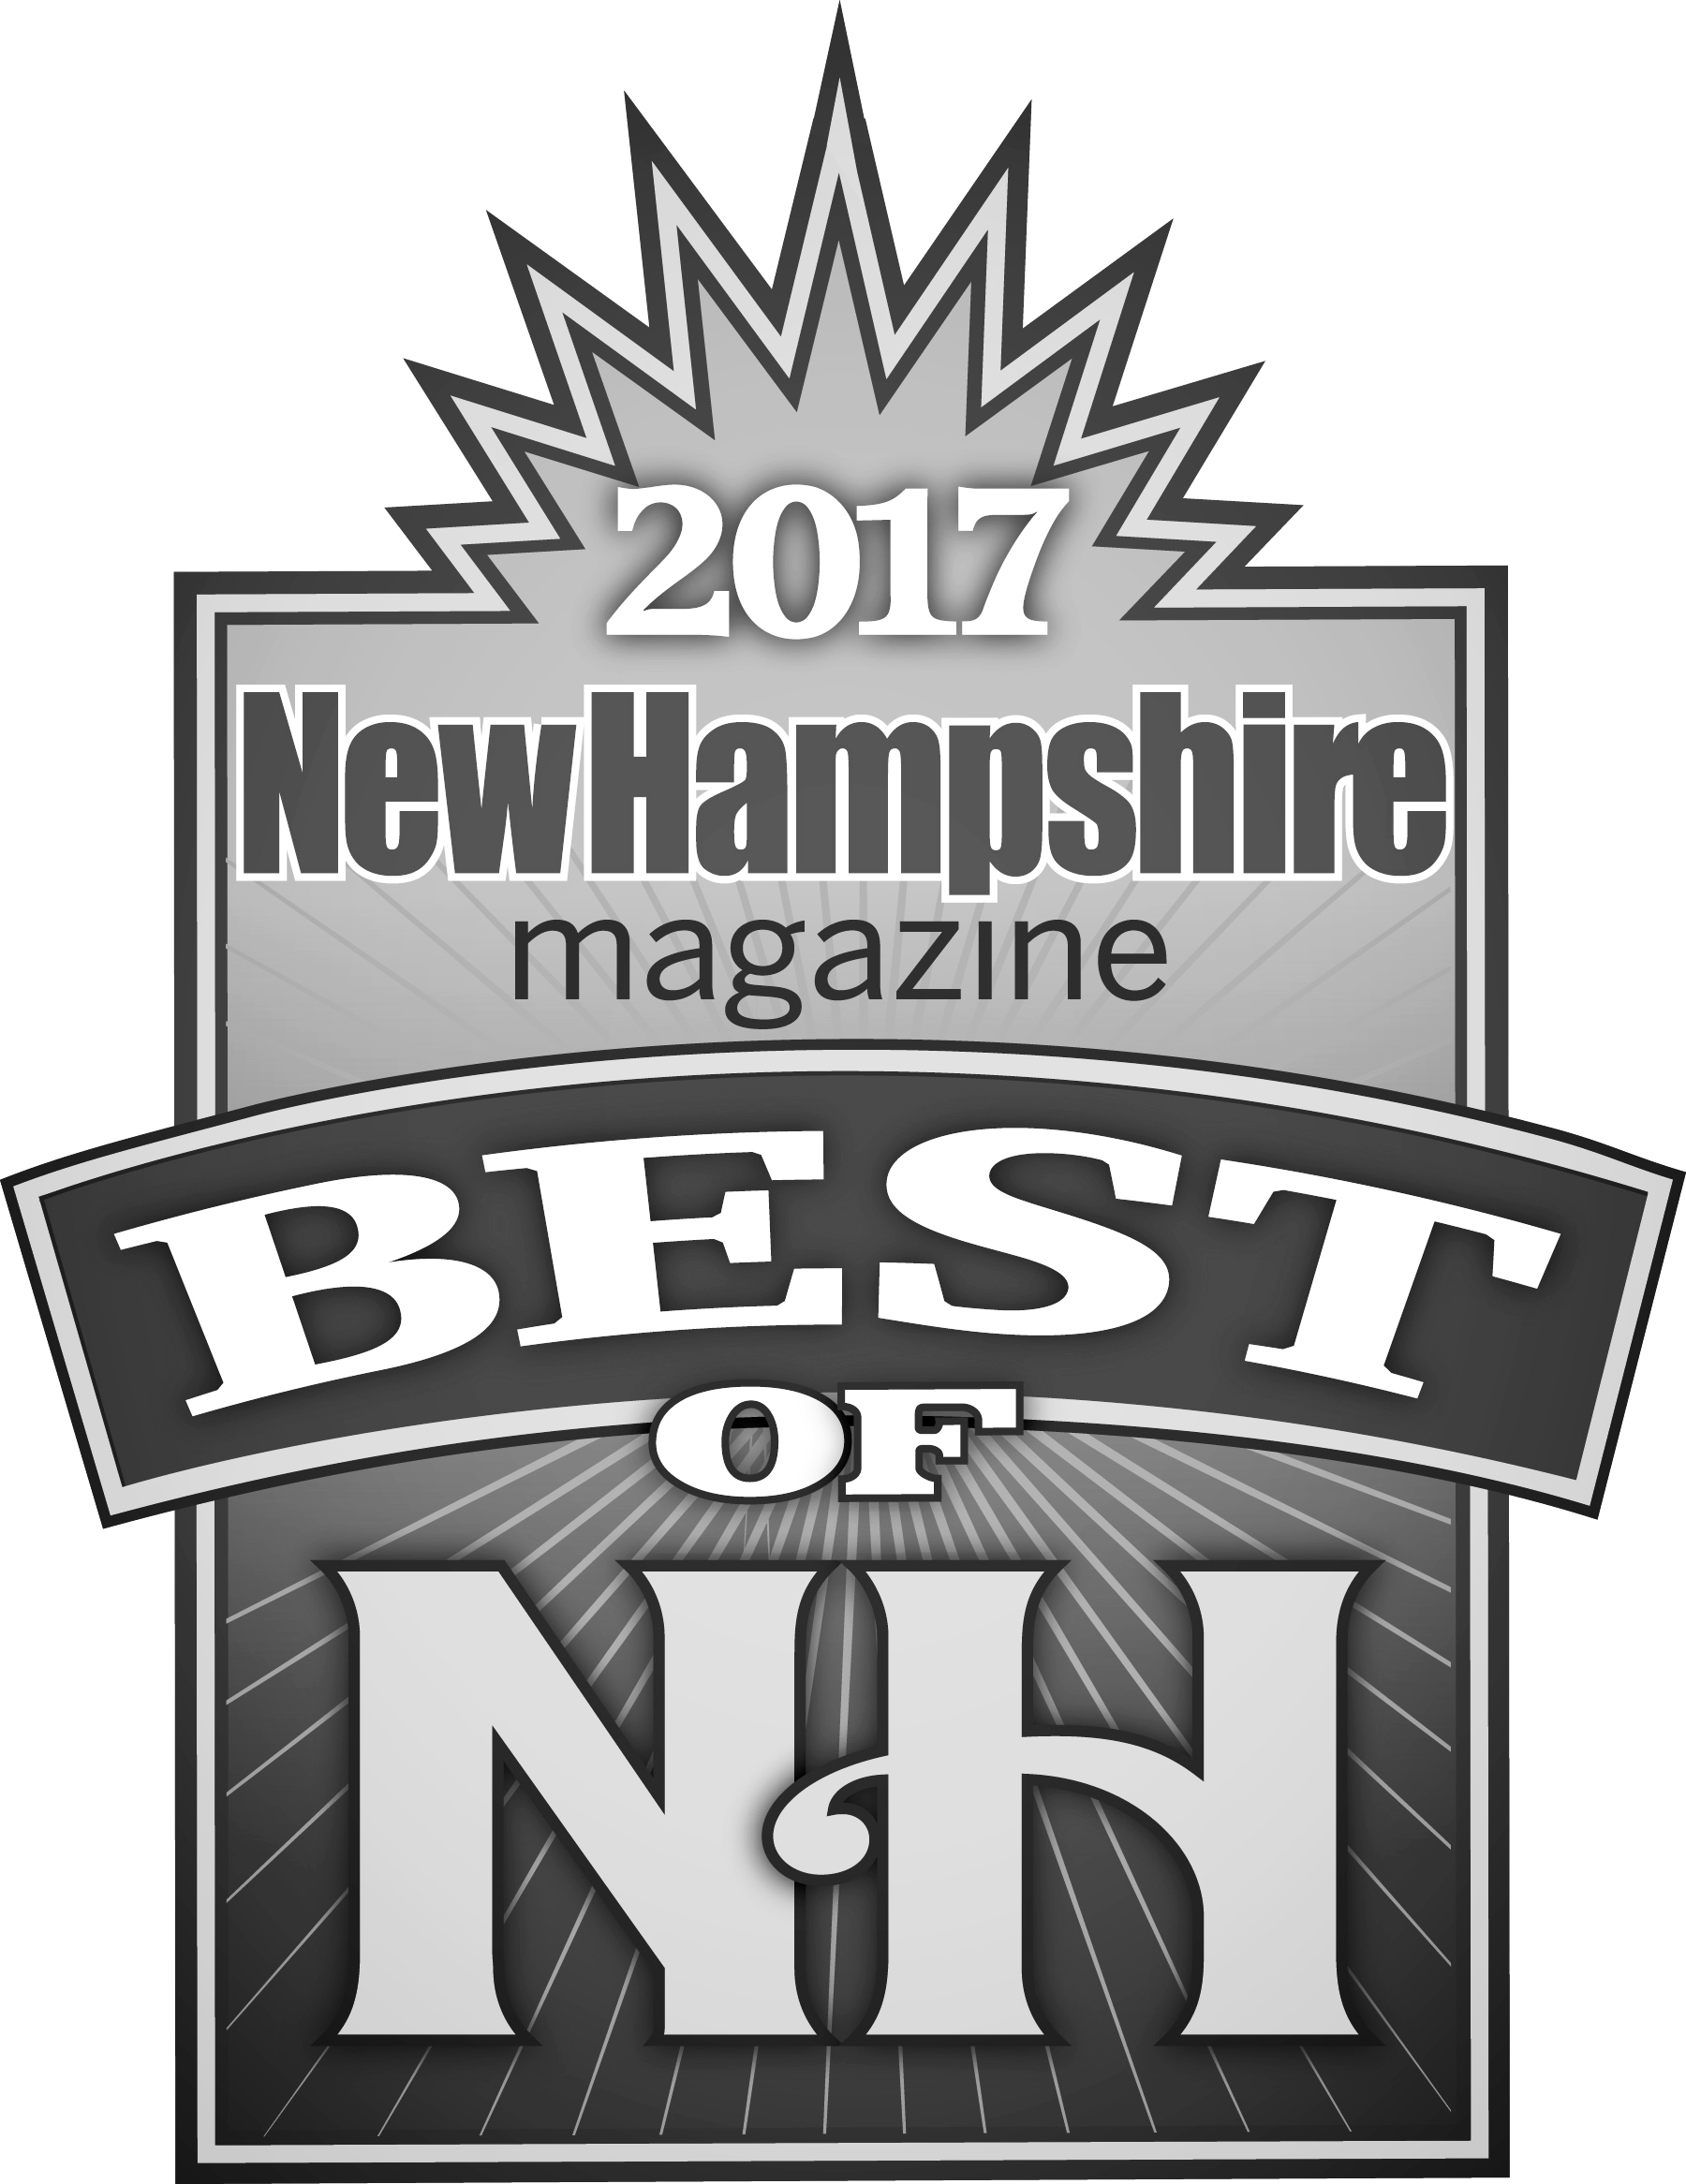 Bestof_Logo 2017.jpg